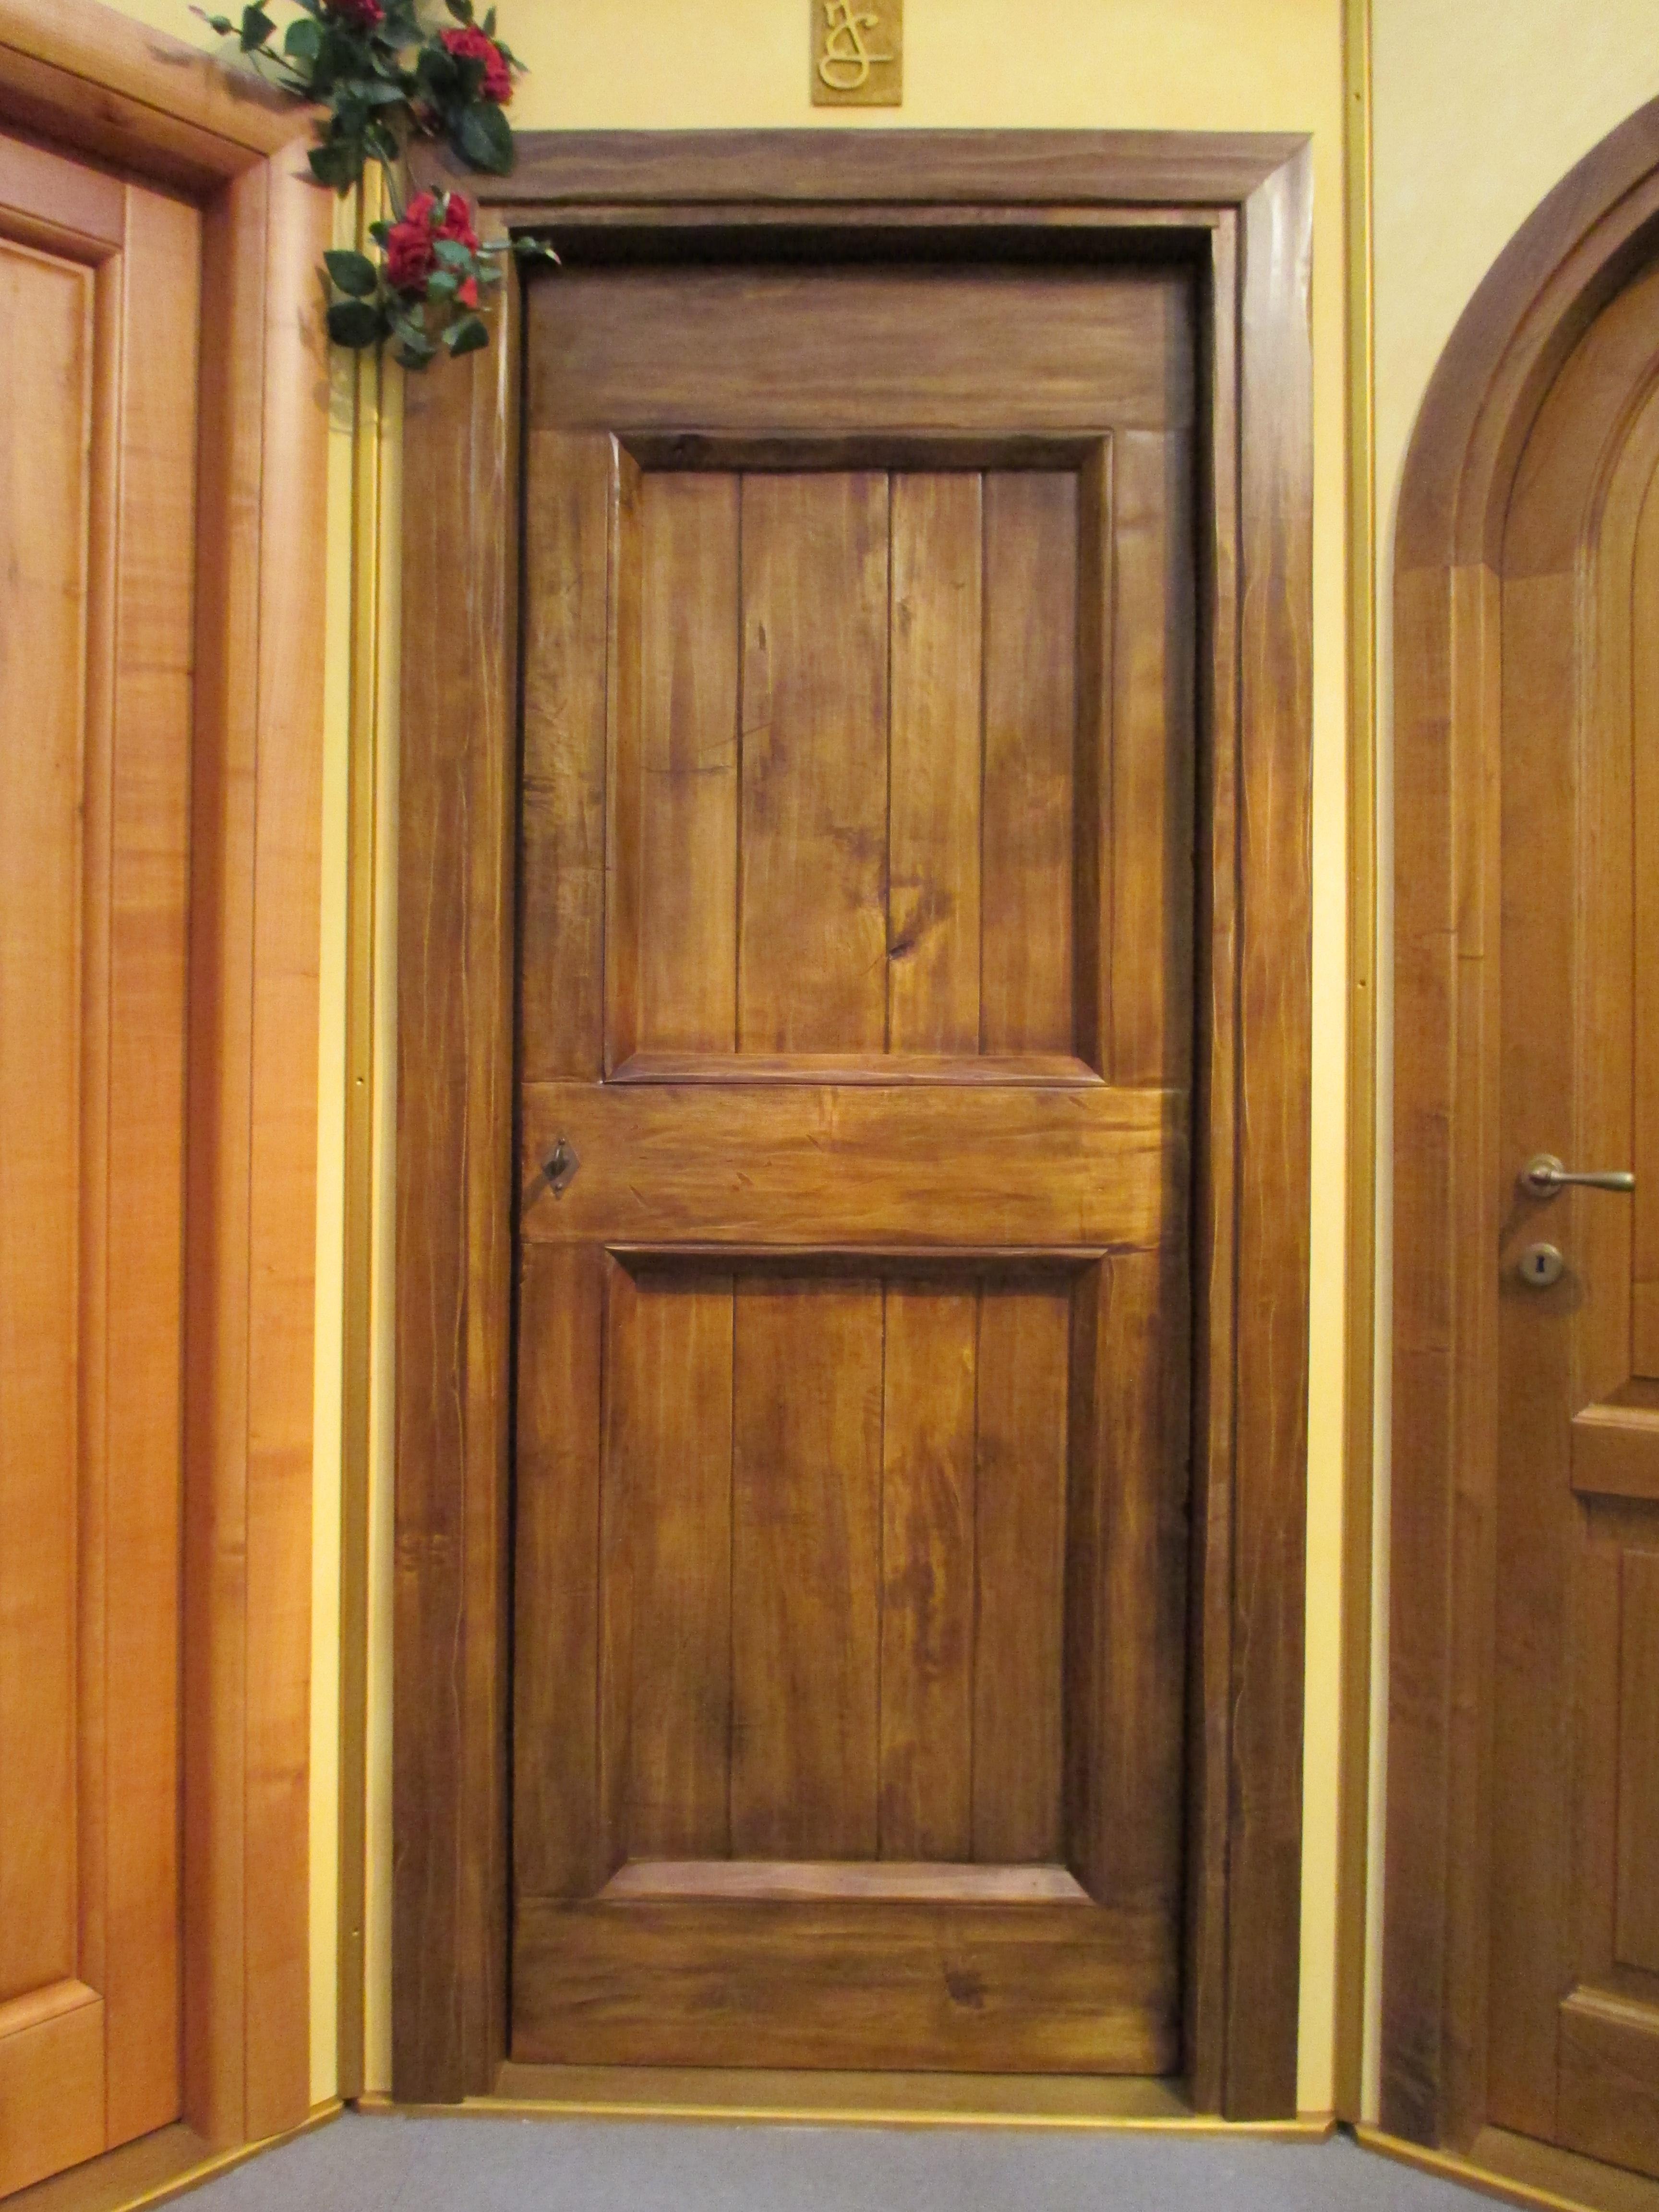 Mod. CASALE in legno di pioppo anticata con spiallettatura e patina